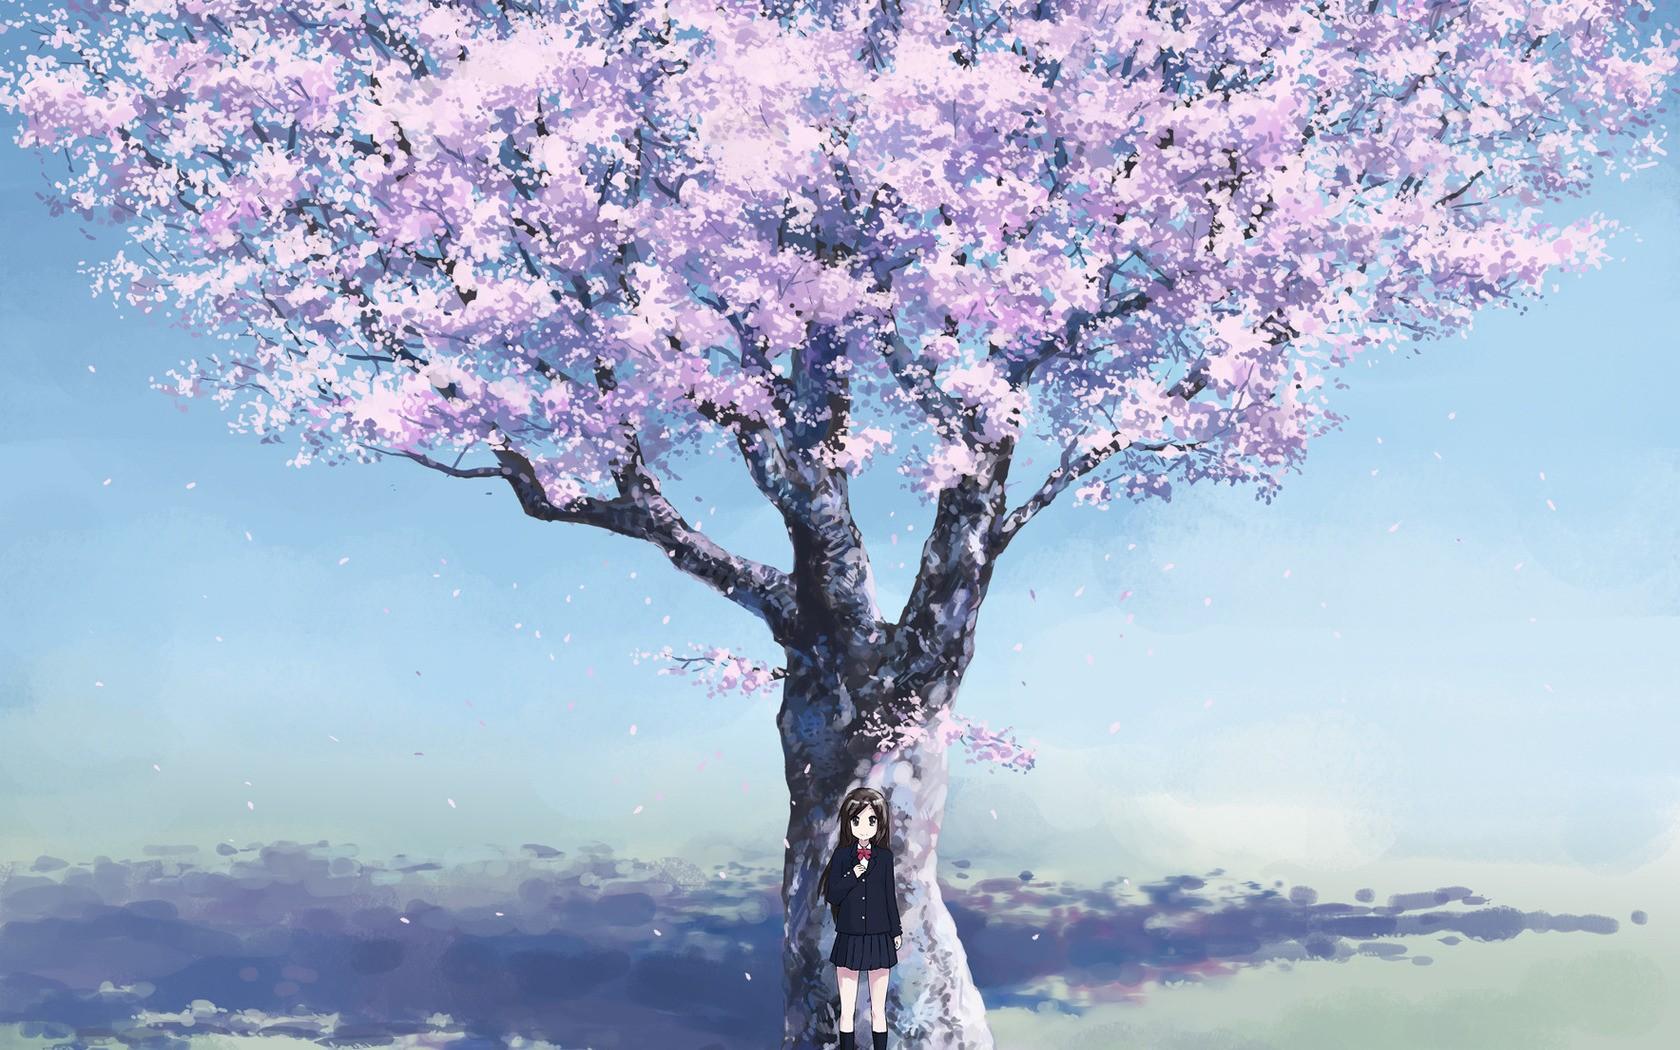 壁纸 花 树 桌面 1680_1050